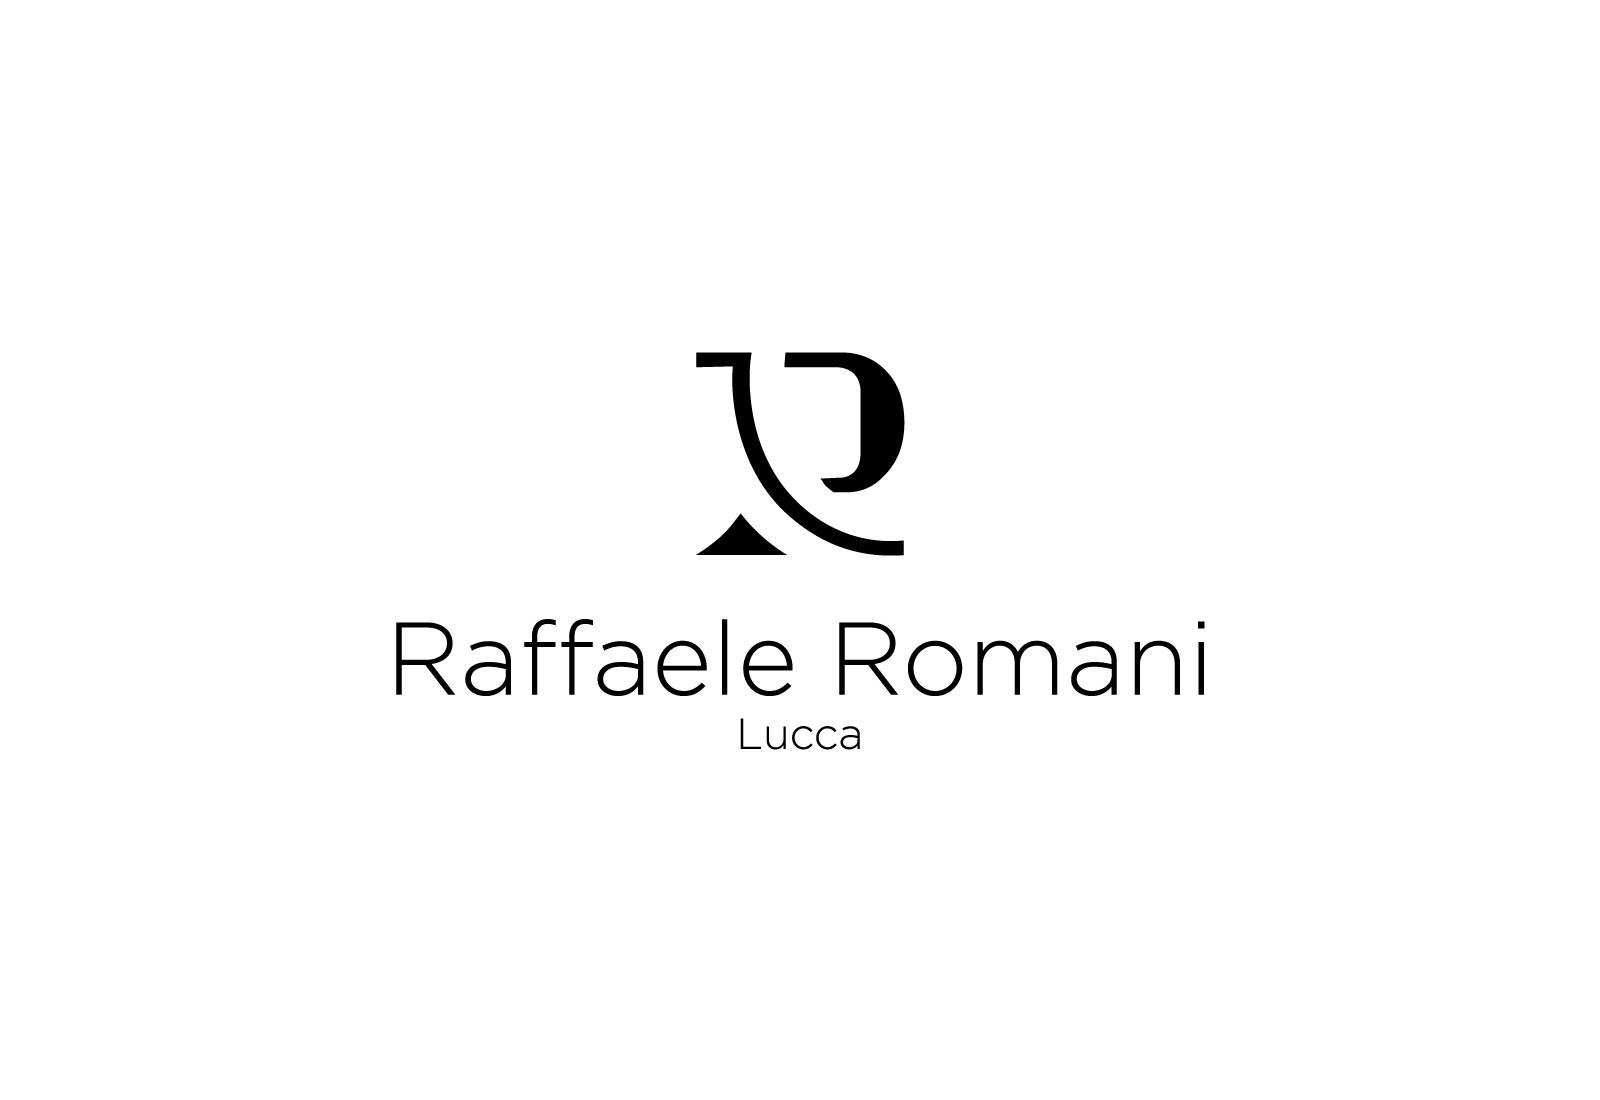 Logo di Raffaele Romani nero su sfondo bianco